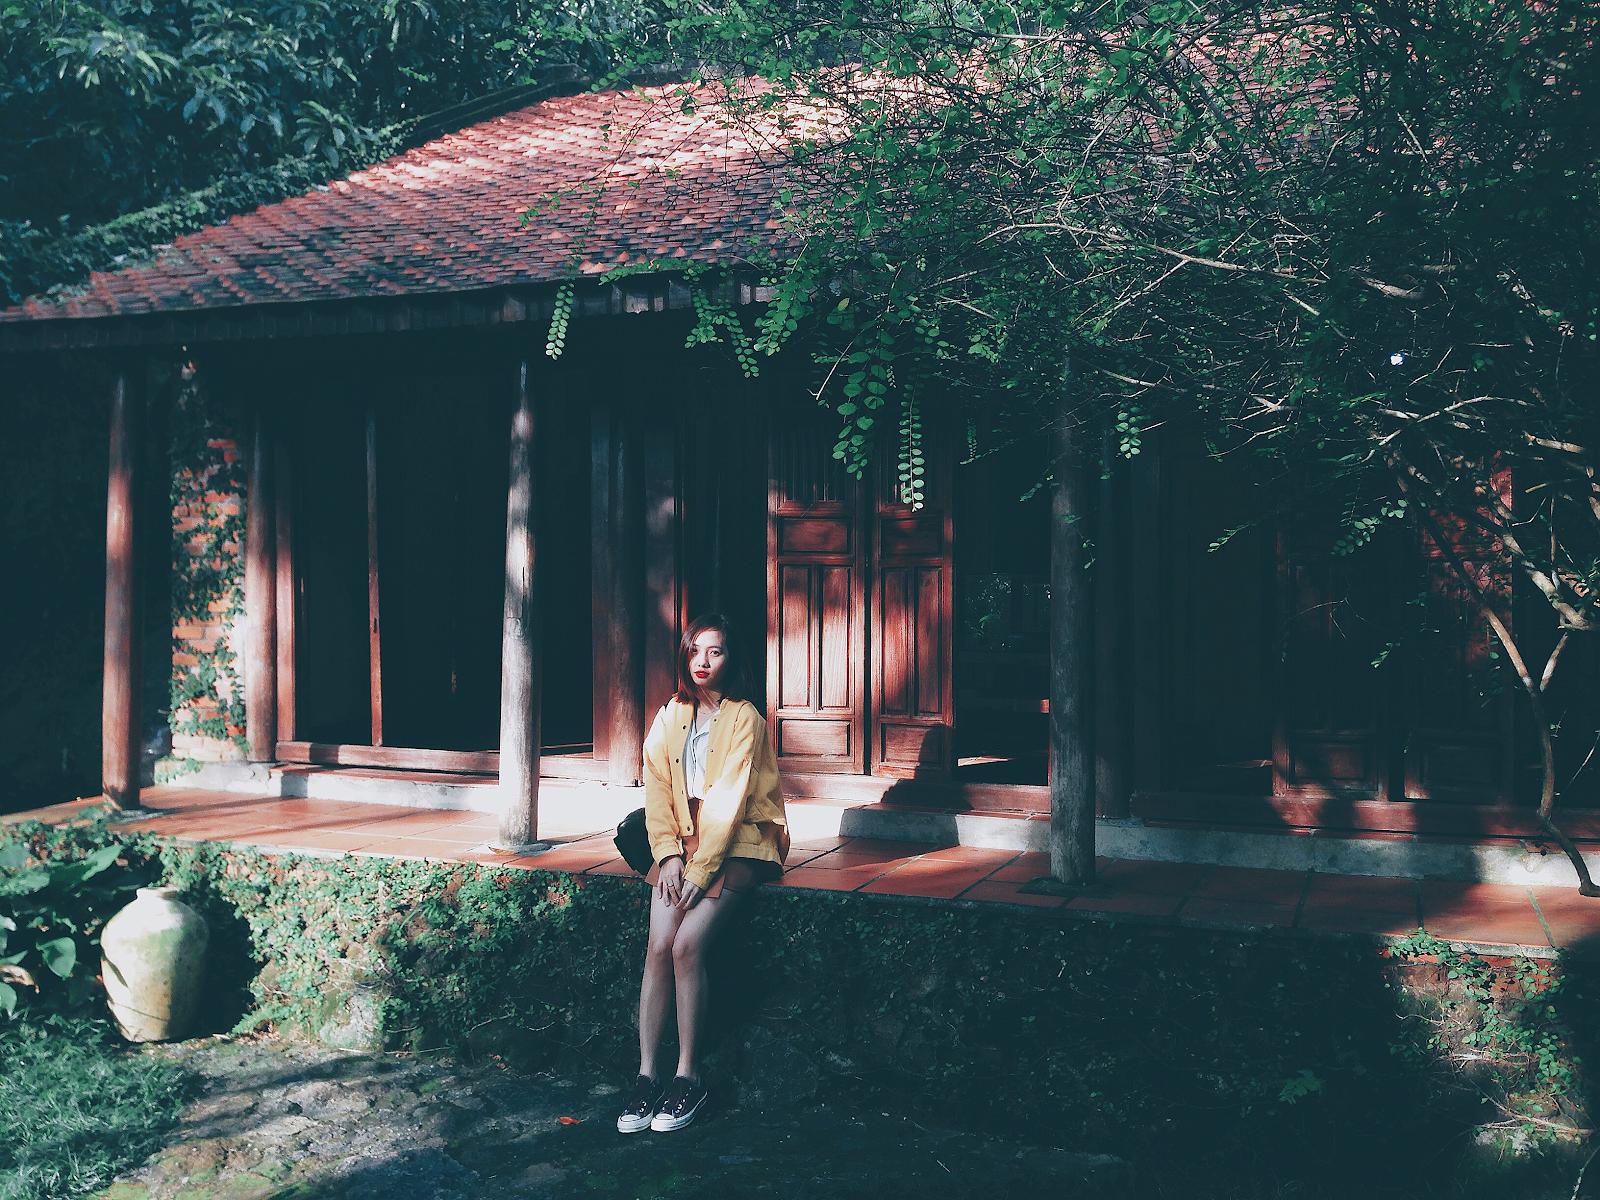 Ghé thăm bảo tàng Đồng Đình, Đà Nẵng